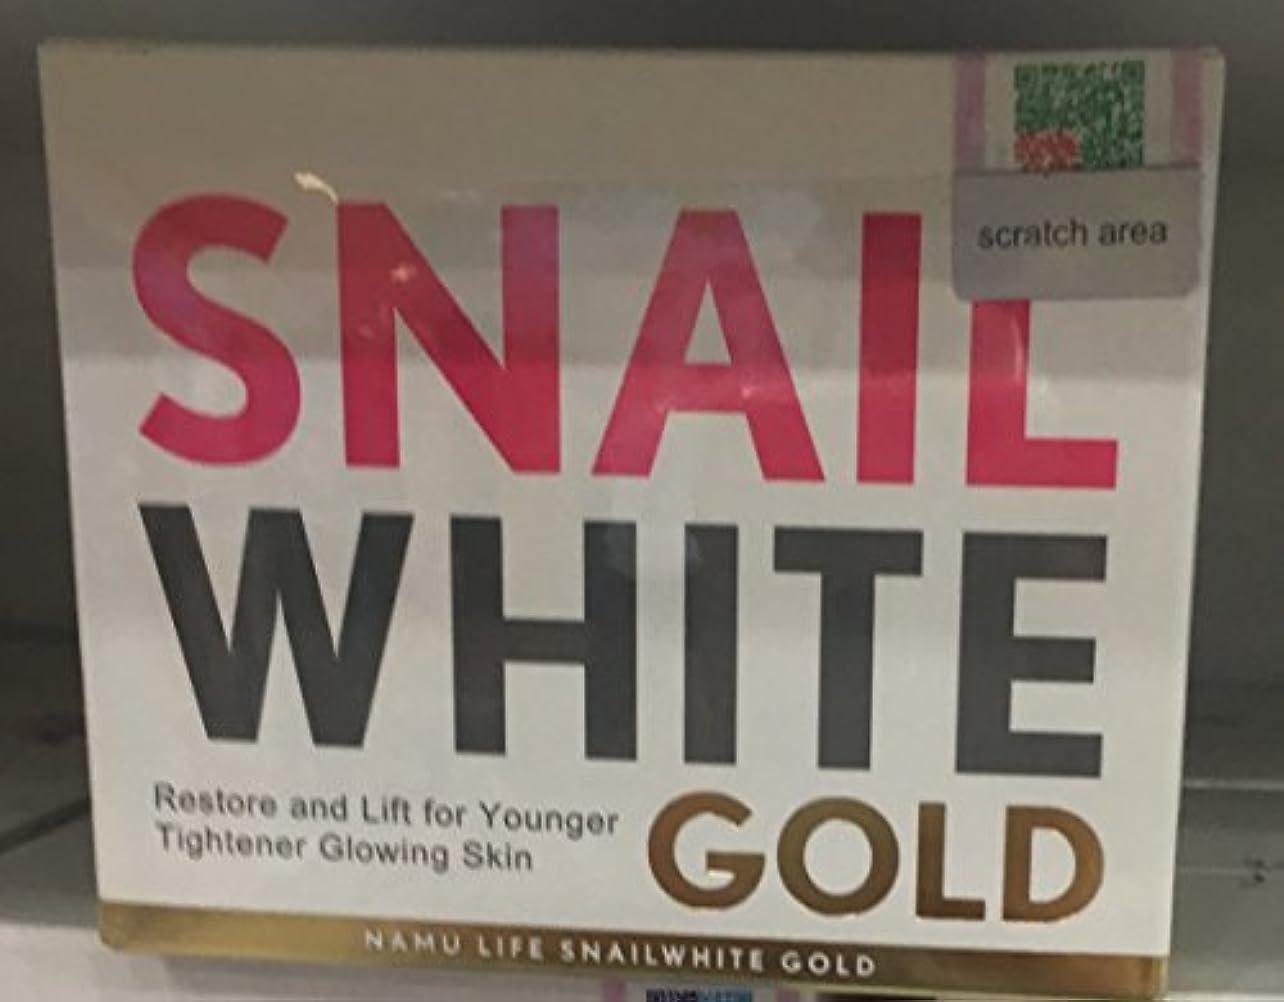 ハムマラソン自発ナムライフスパイニングゴールド50 ml ホワイトニング NAMU LIFE SNAILWHITE GOLD 50 ml